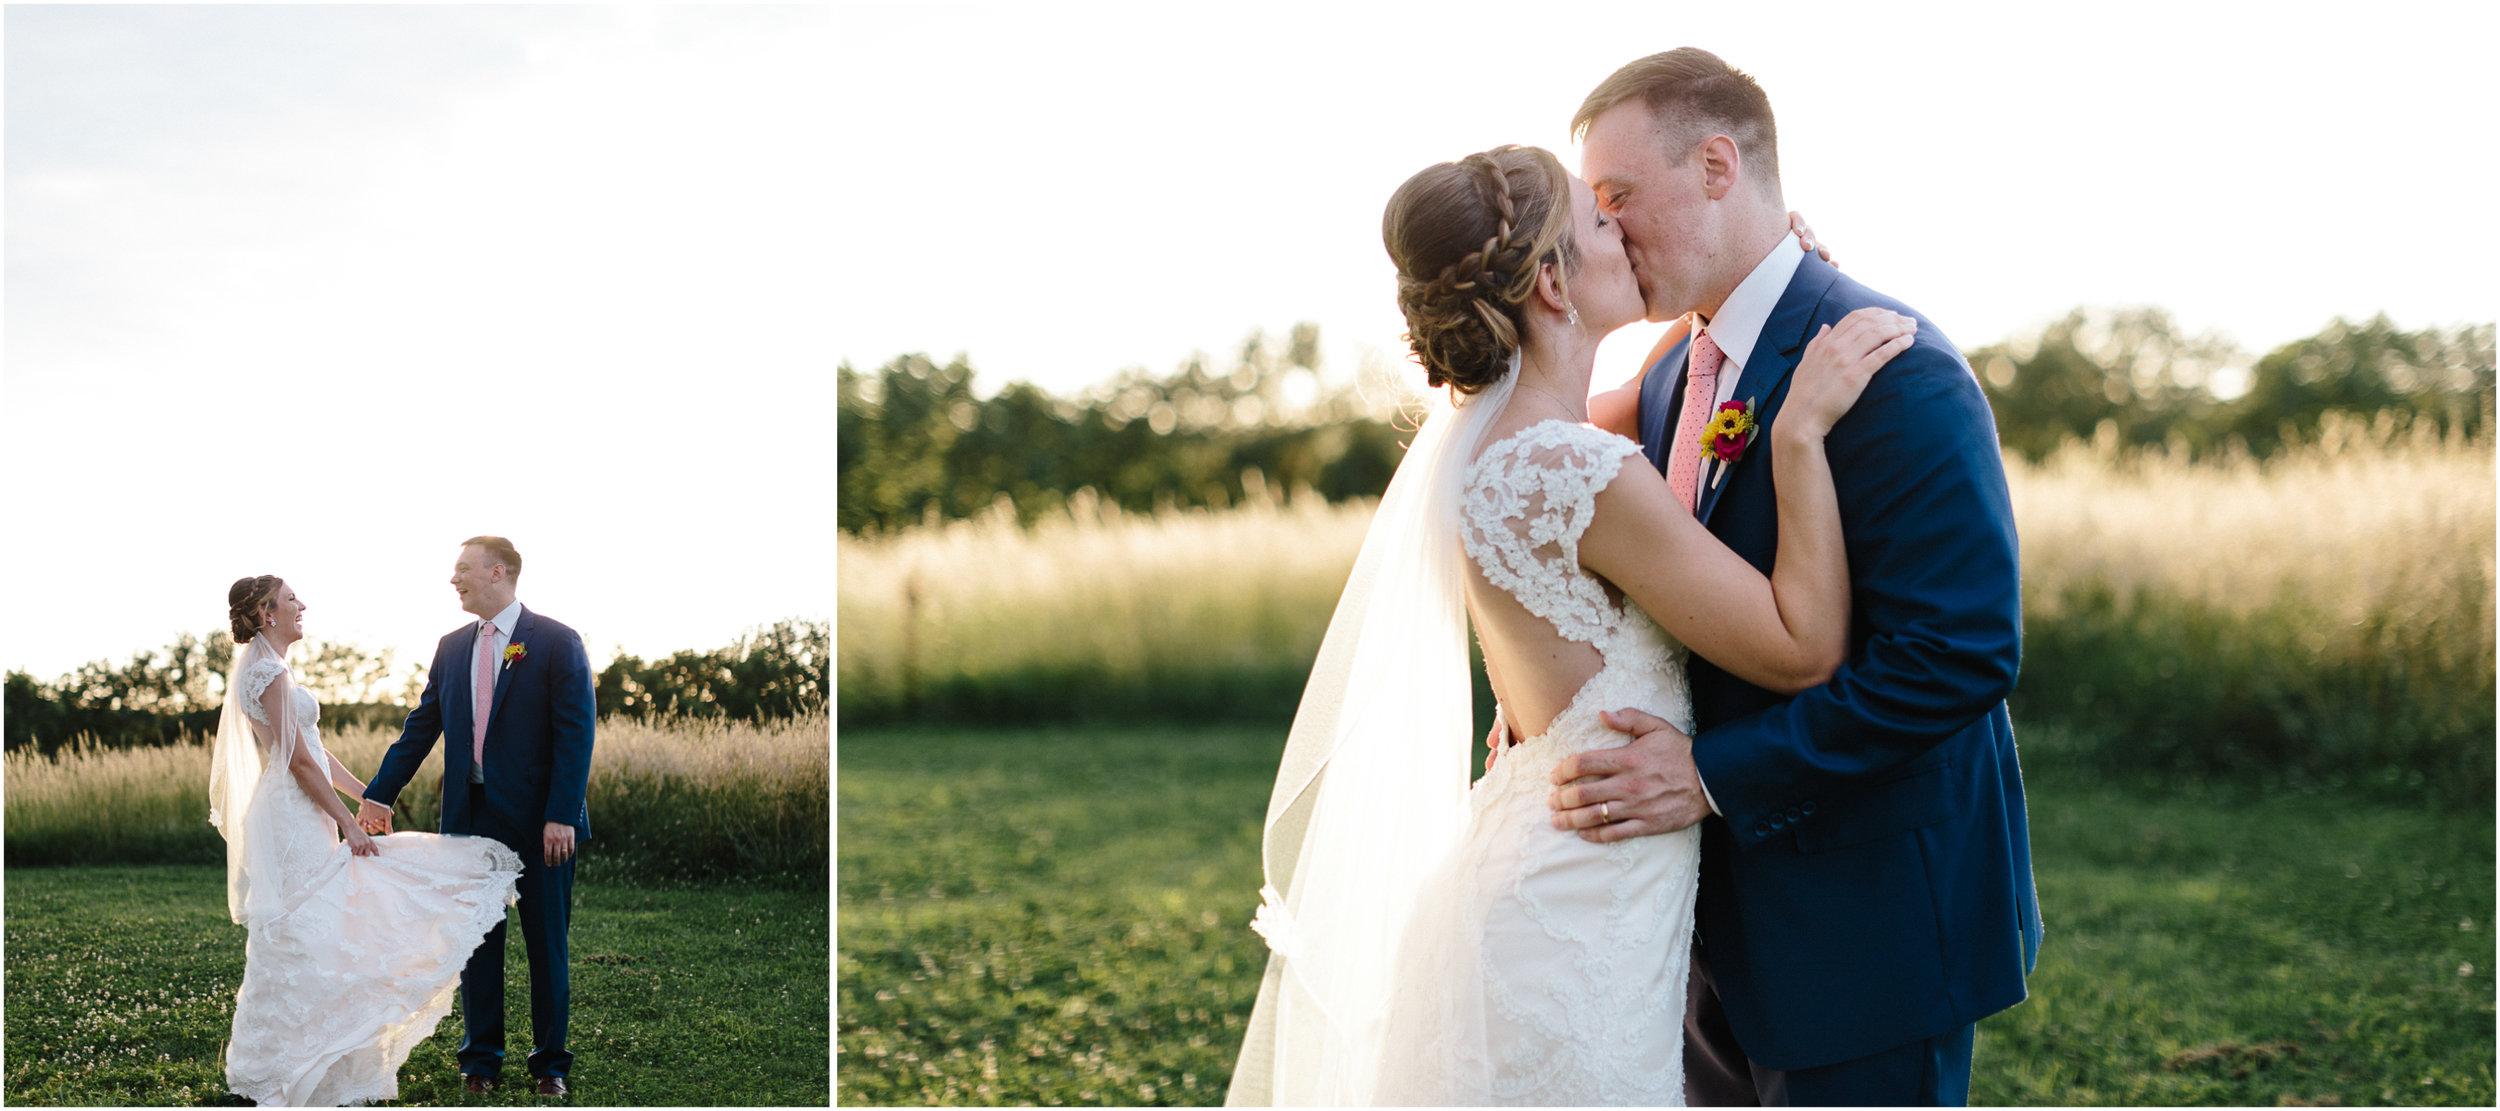 alyssa barletter photography weston missouri bright summer wedding allie and alex cole-48.jpg